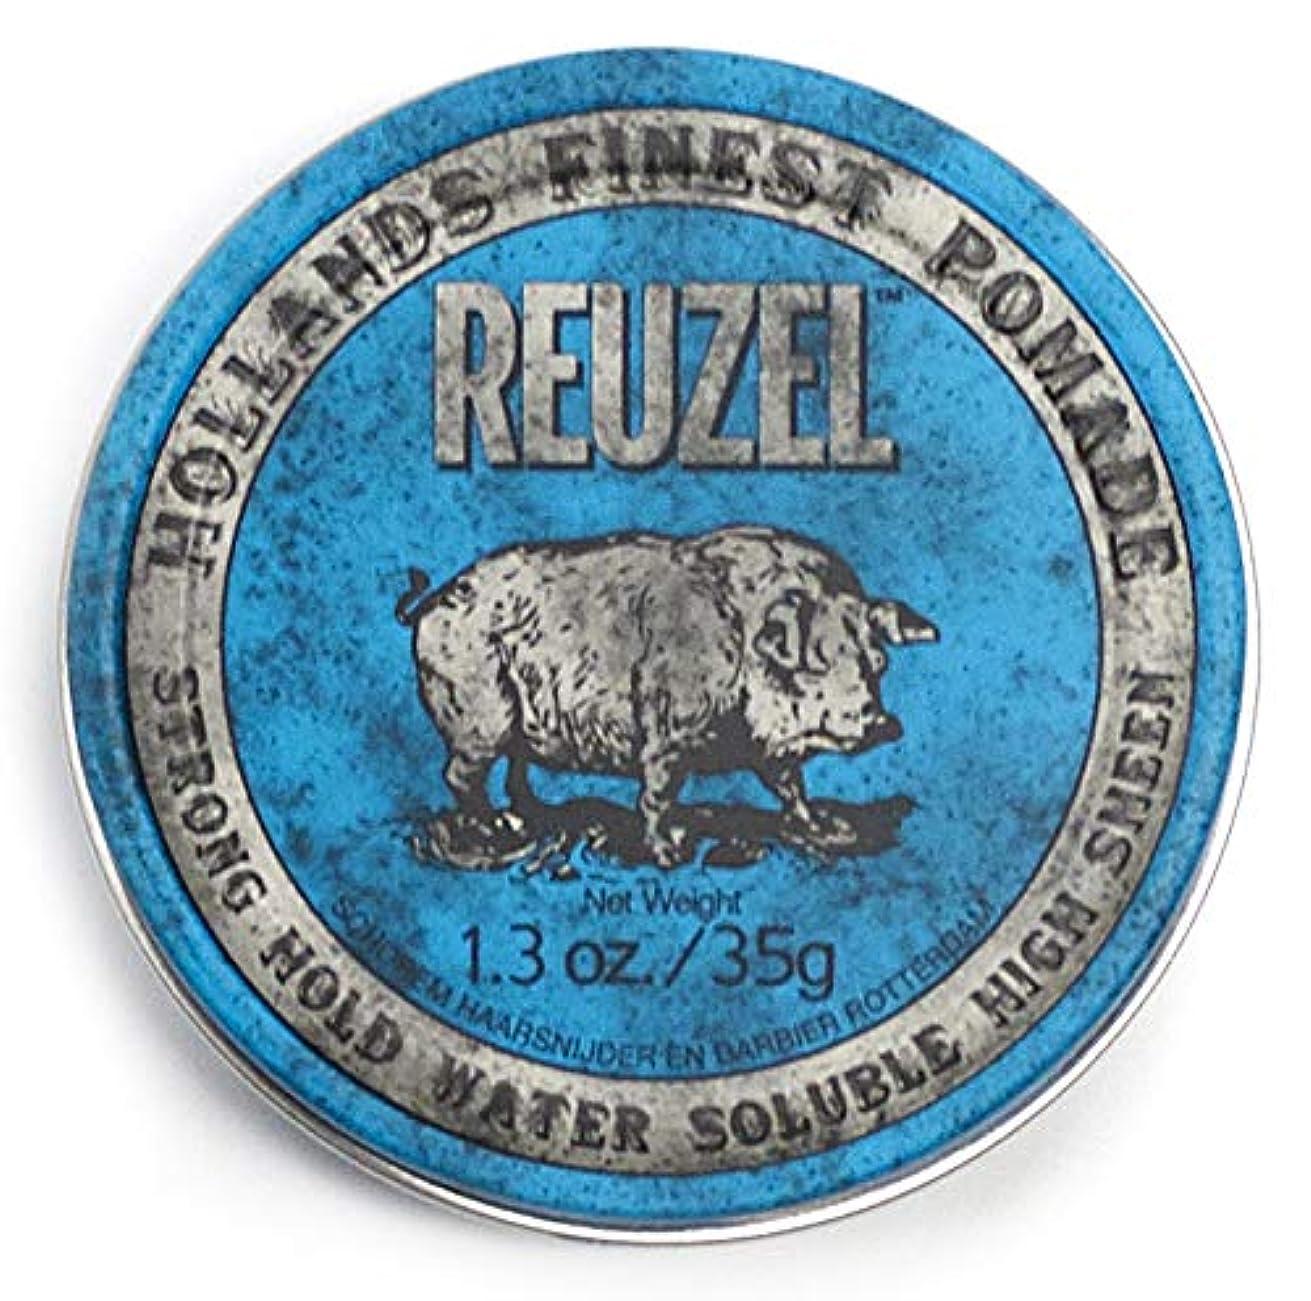 偉業姿勢スタジアムルーゾー ブル ストロングホールド ハイシーン ポマード Reuzel Blue Strong Hold Water Soluble High Sheen Pomade 35 g [並行輸入品]